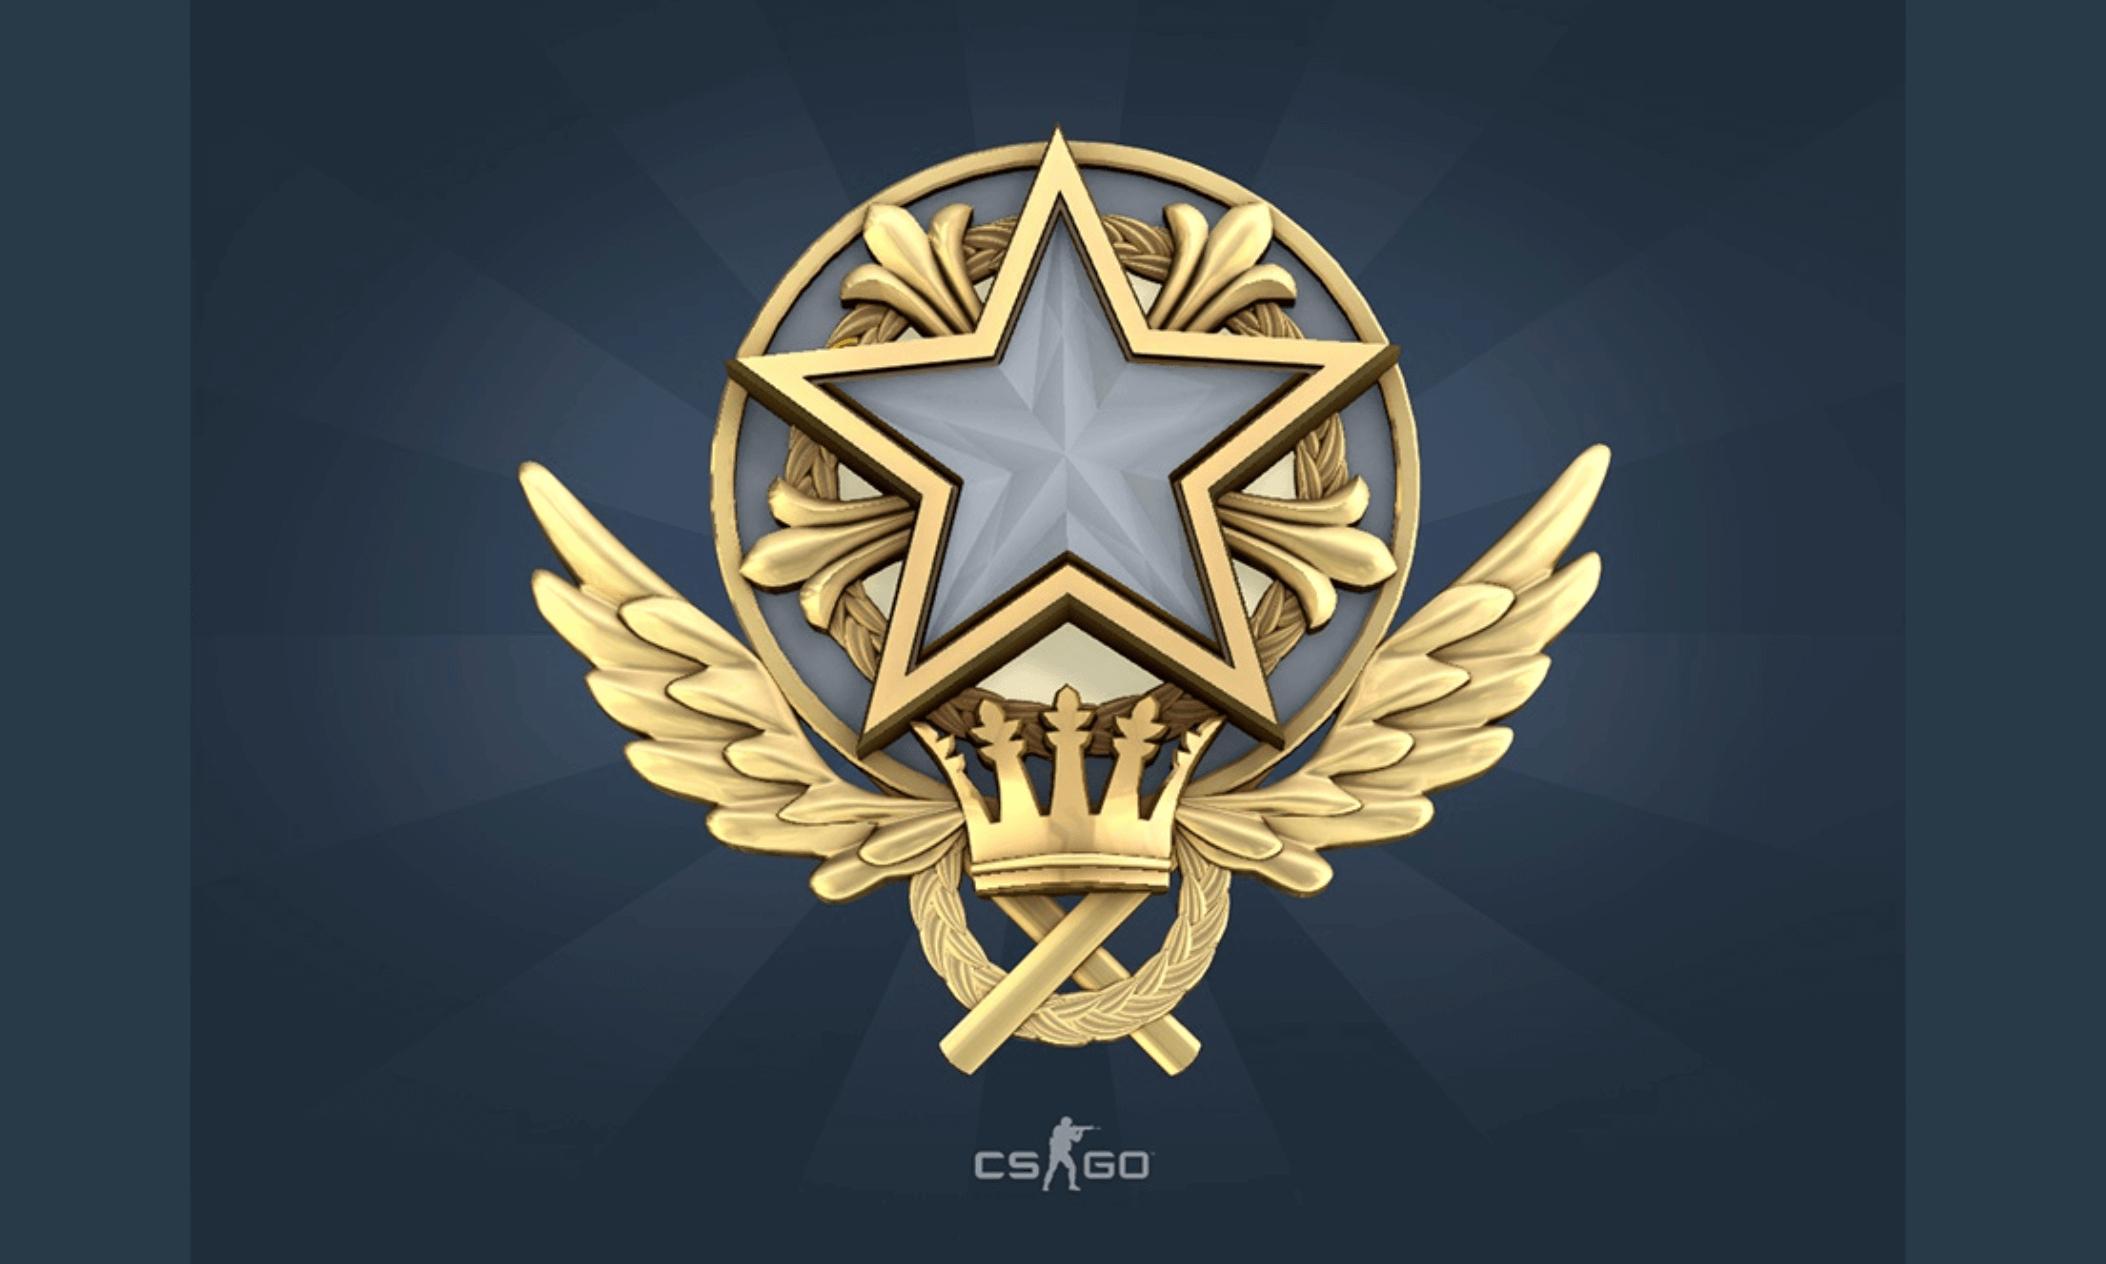 CSGO Hizmet Madalyası Nedir? Nasıl Alınır?